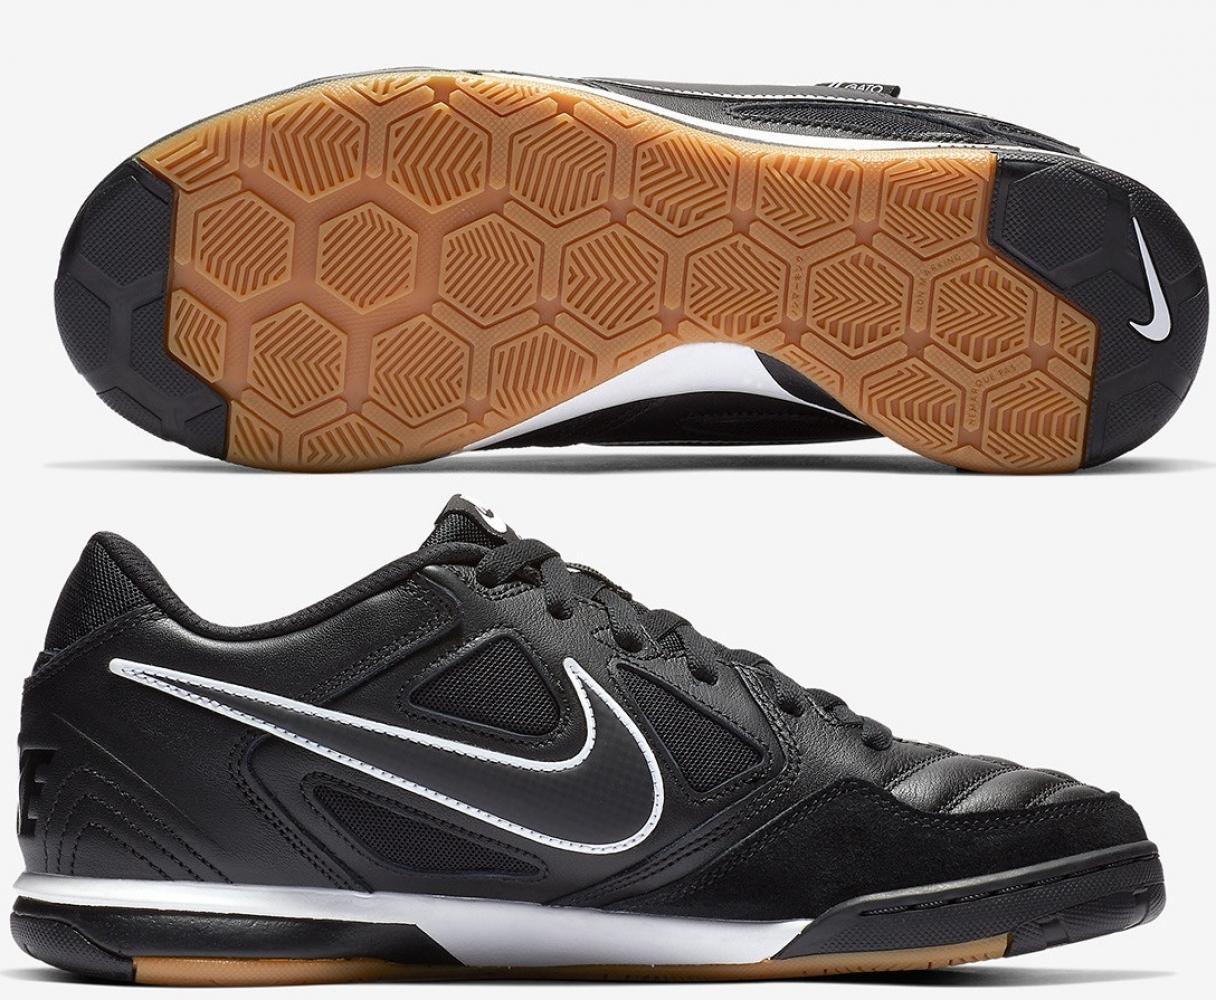 2b38c78c Футзалки Nike SB Gato AT4607-001 Чёрный купить в интернет-магазине ...